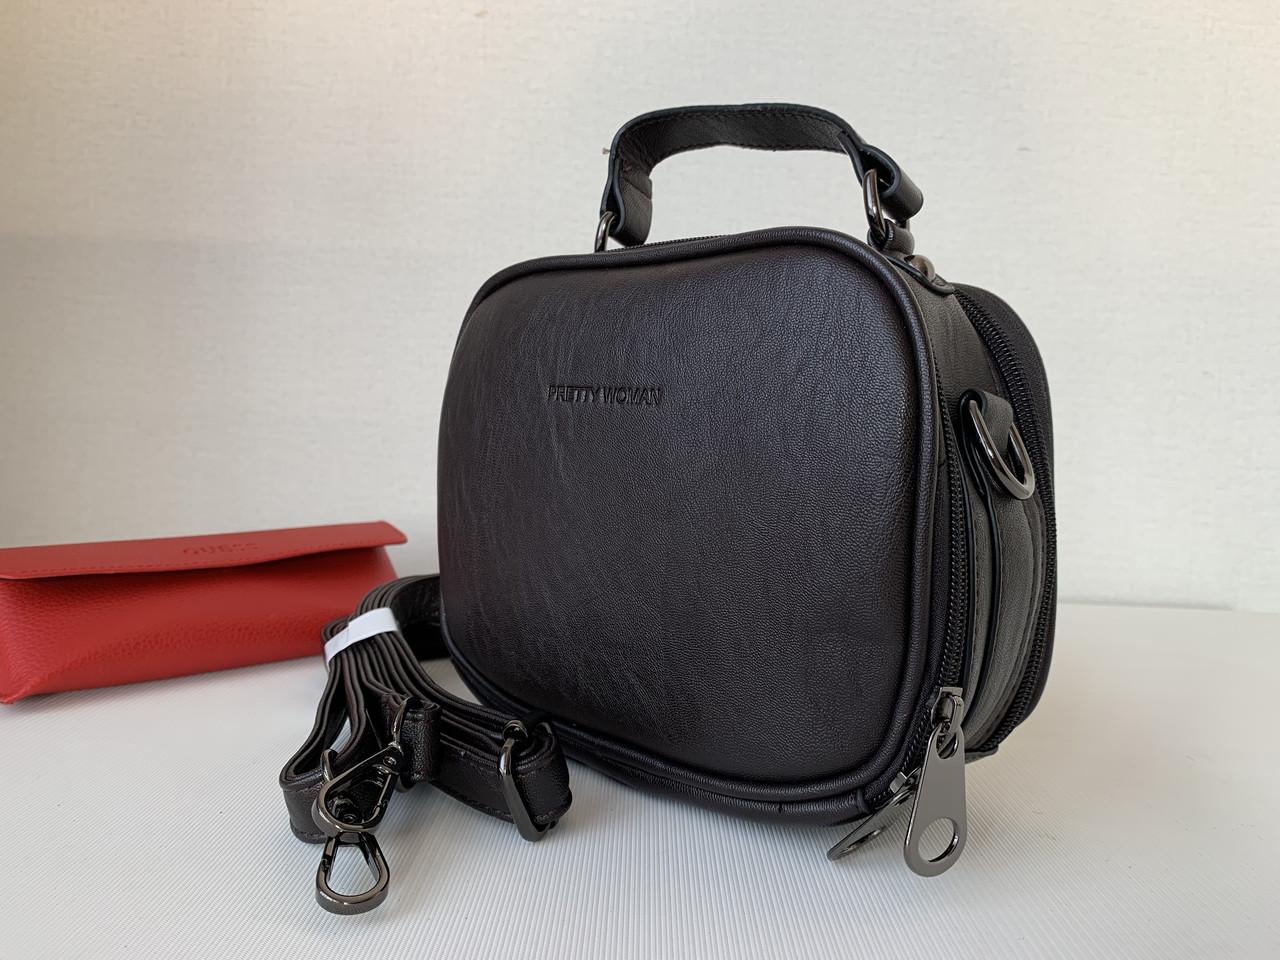 Маленькая женская сумка клатч темно-коричневая шоколадного цвета через плечо кроссбоди Pretty Woman